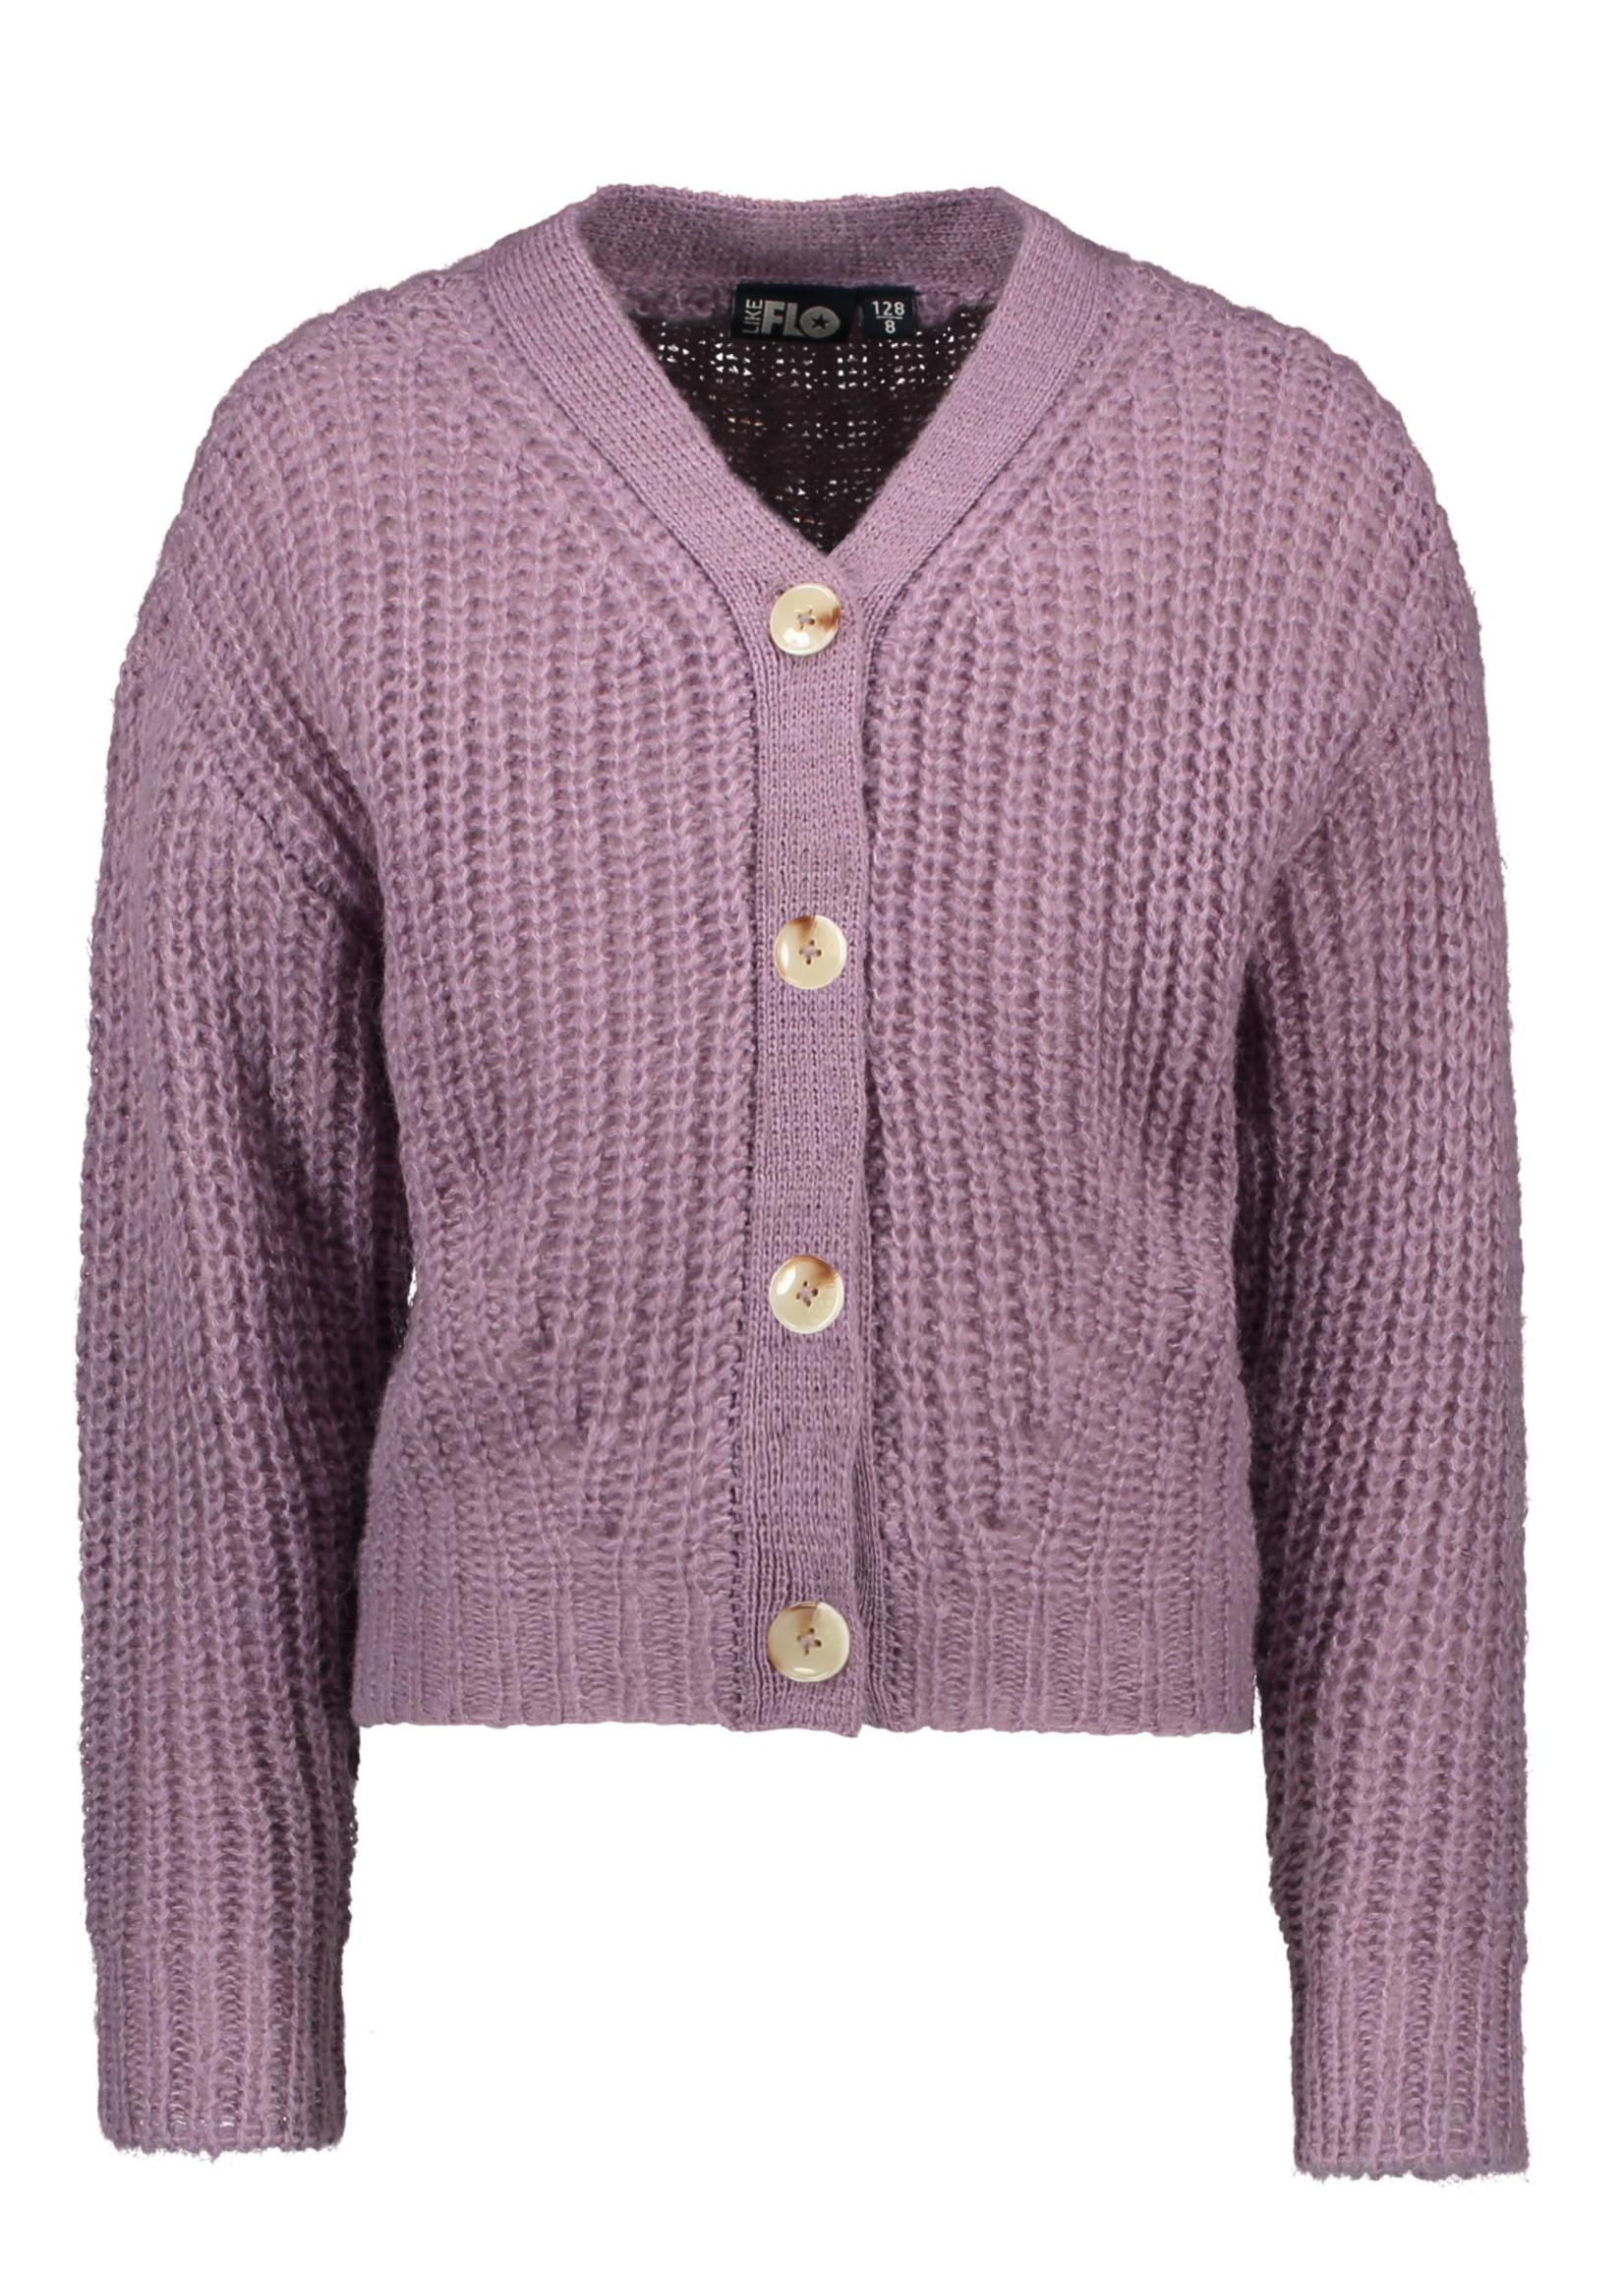 LIKE FLO LIKE FLO Cardigan knit lilac